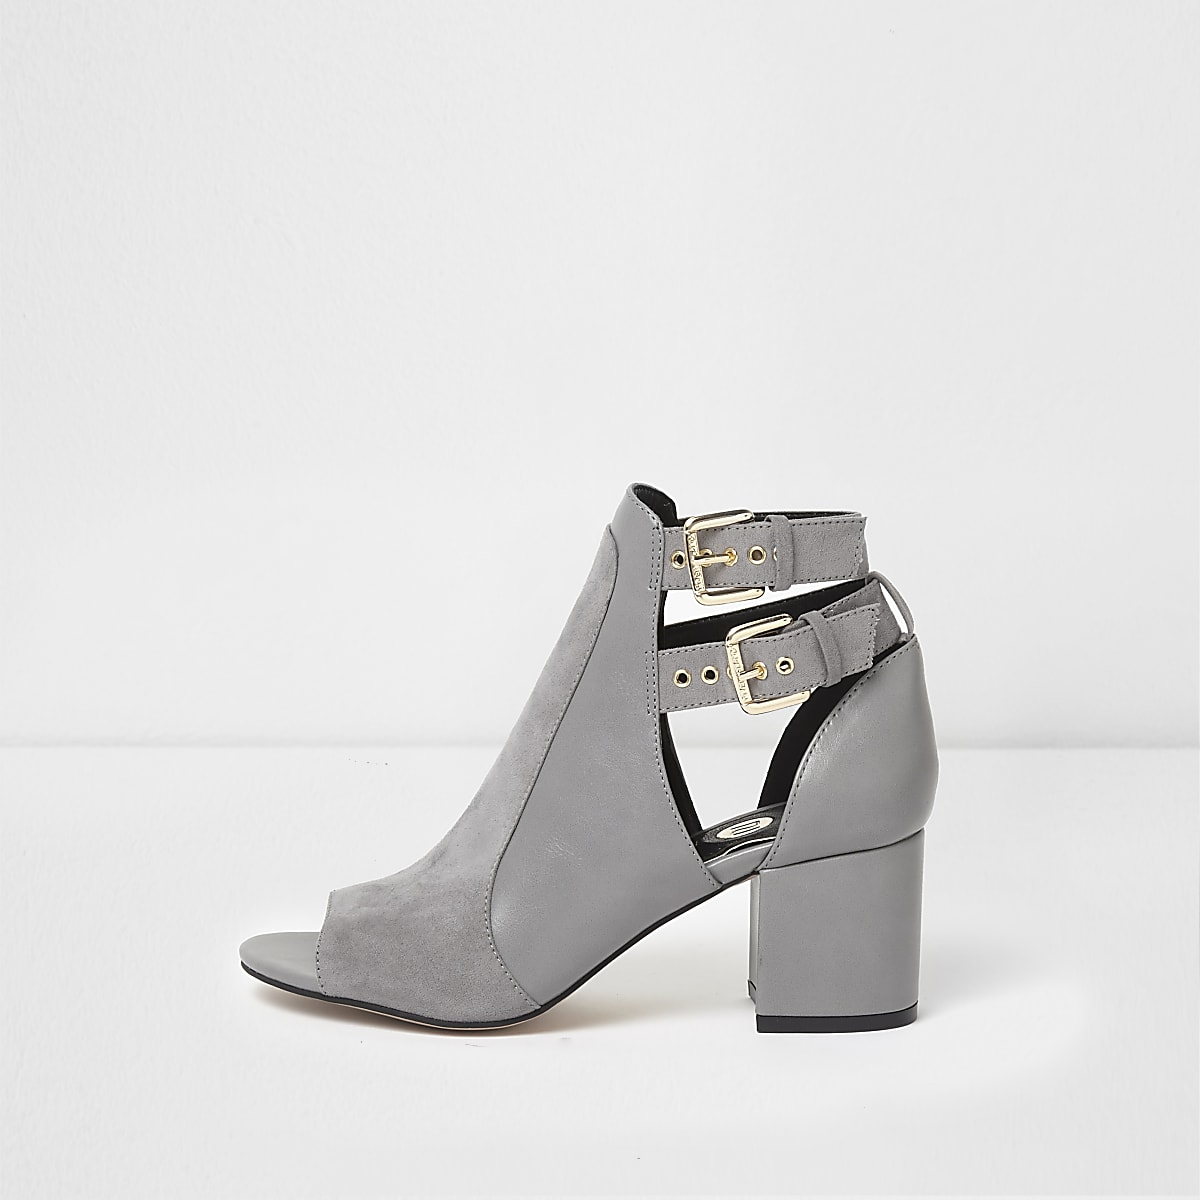 30248cc26c5 Grey double buckle peep toe shoe boots - Shoes - Shoes   Boots - women